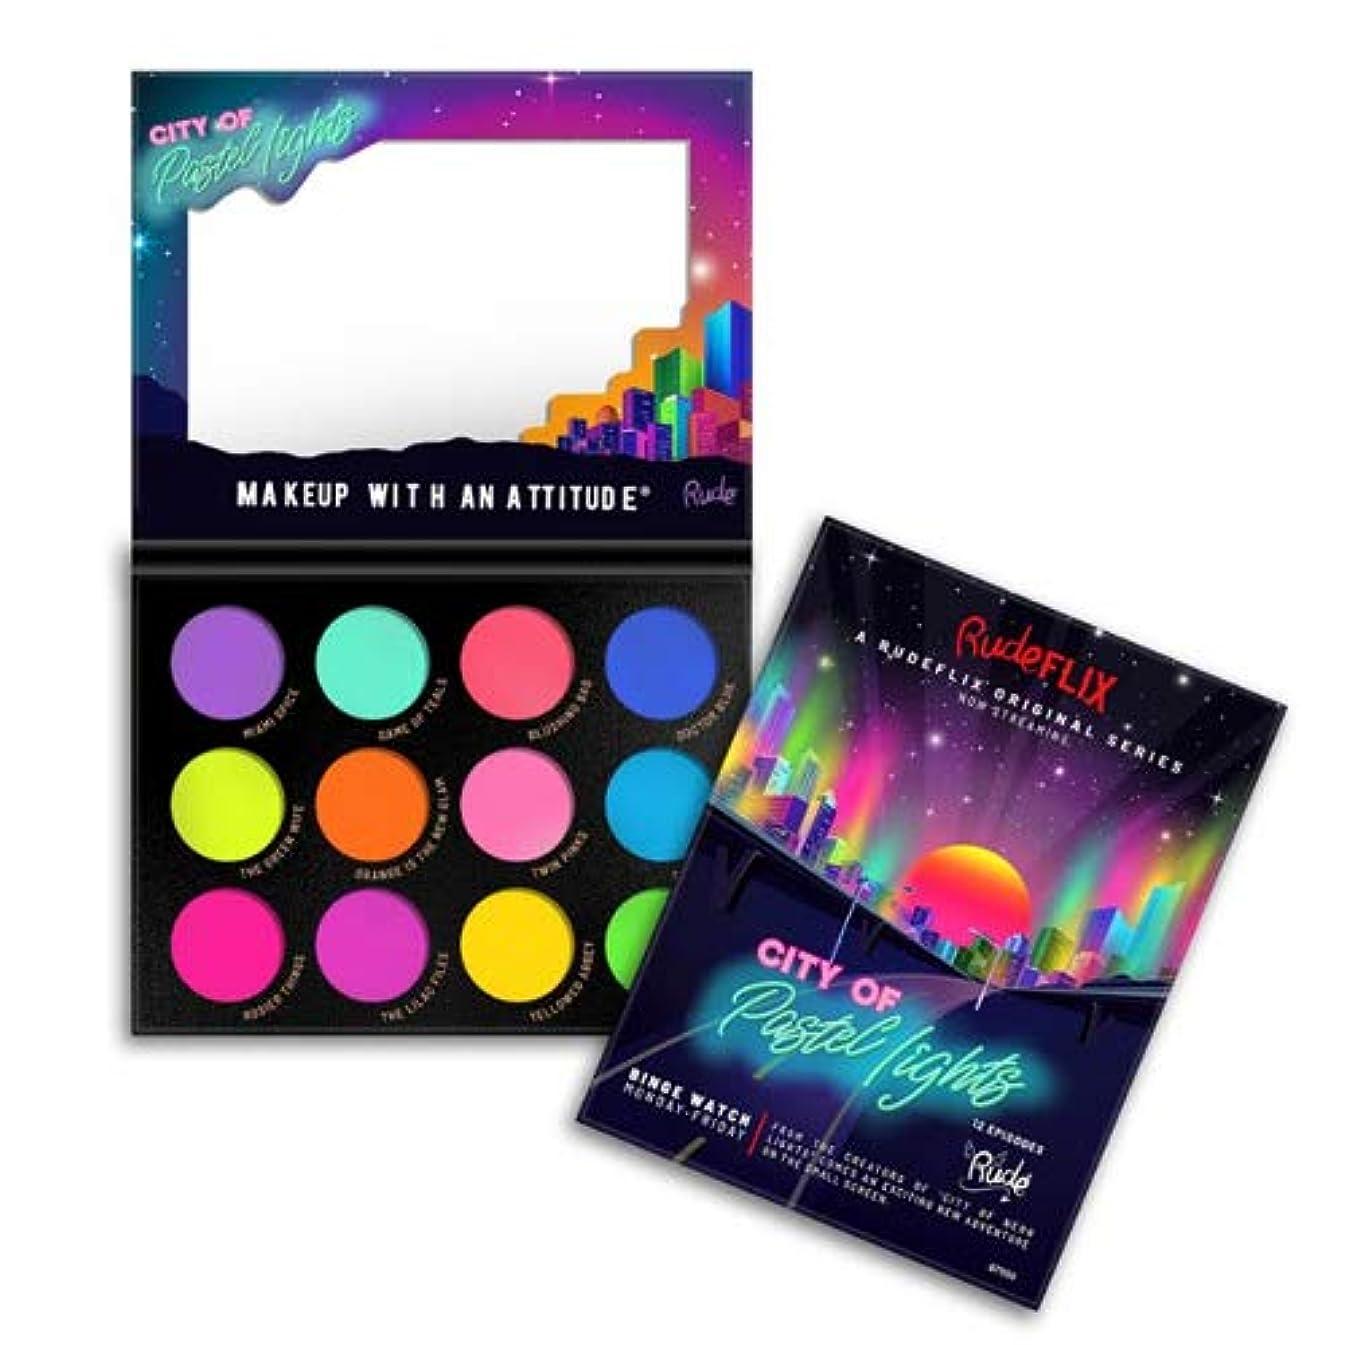 上に築きます電話手入れRUDE City of Pastel Lights - 12 Pastel Pigment & Eyeshadow Palette (6 Pack) (並行輸入品)